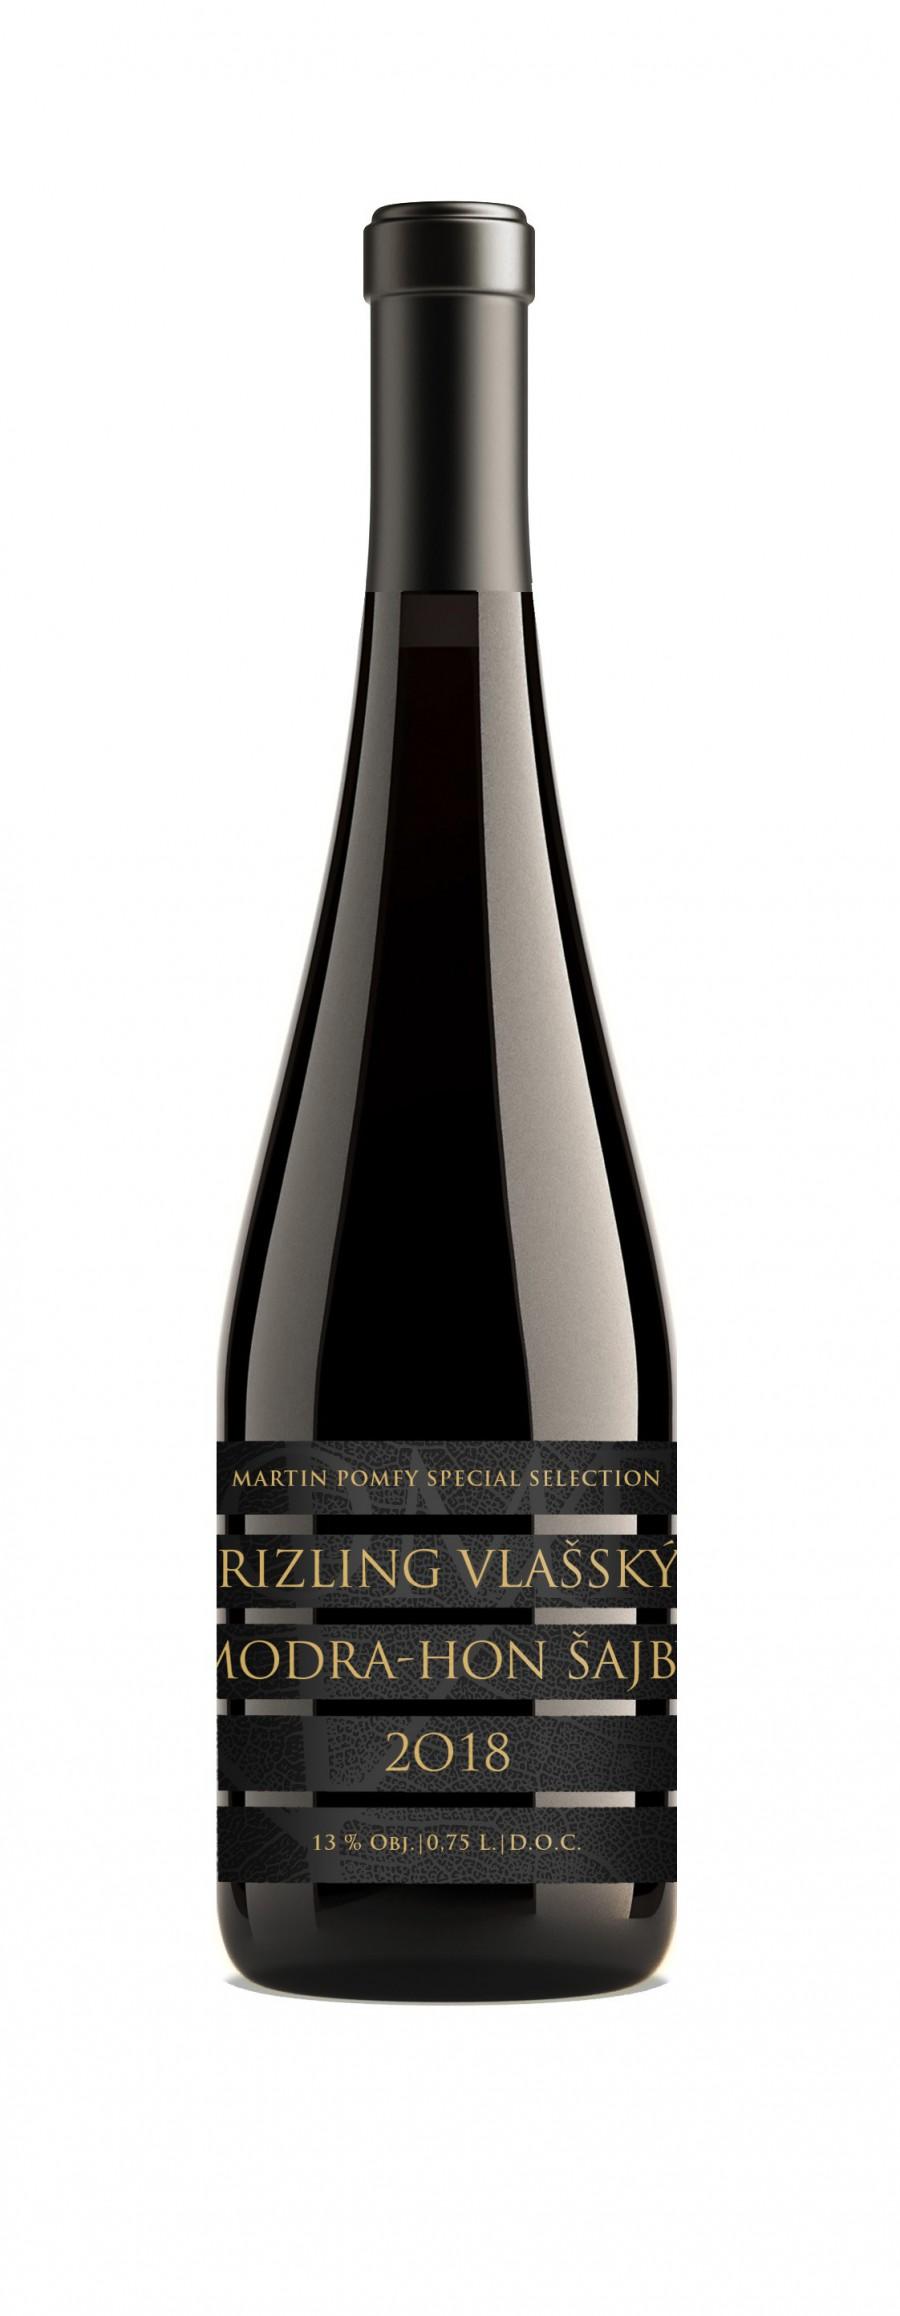 Rizling vlašský Selection víno bez histamínu